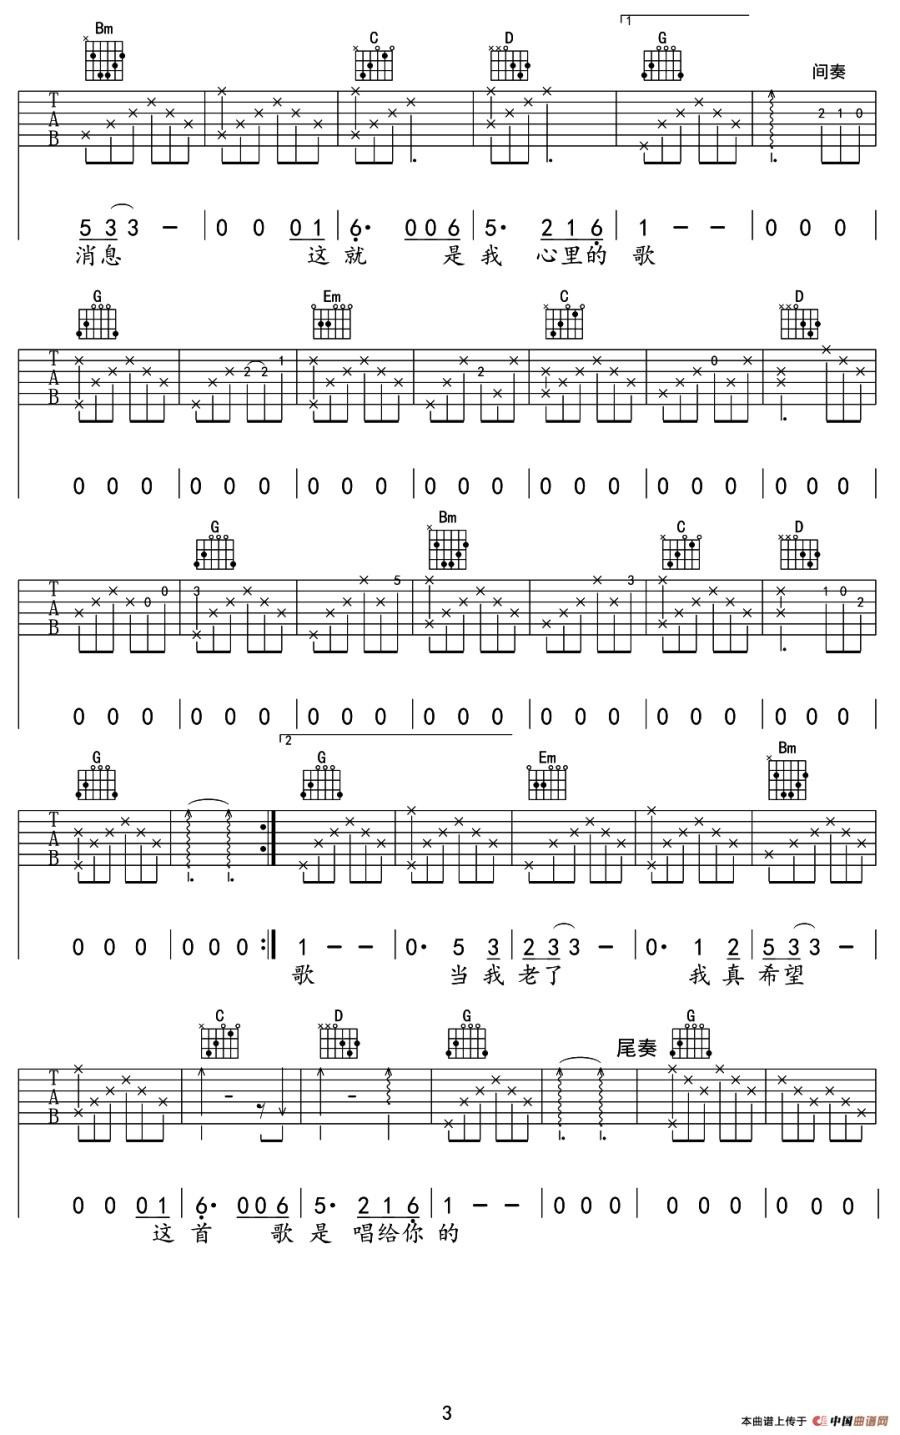 曲谱网 吉他谱 当你老了(莫文蔚演唱,刘淇铭编配版)吉他谱